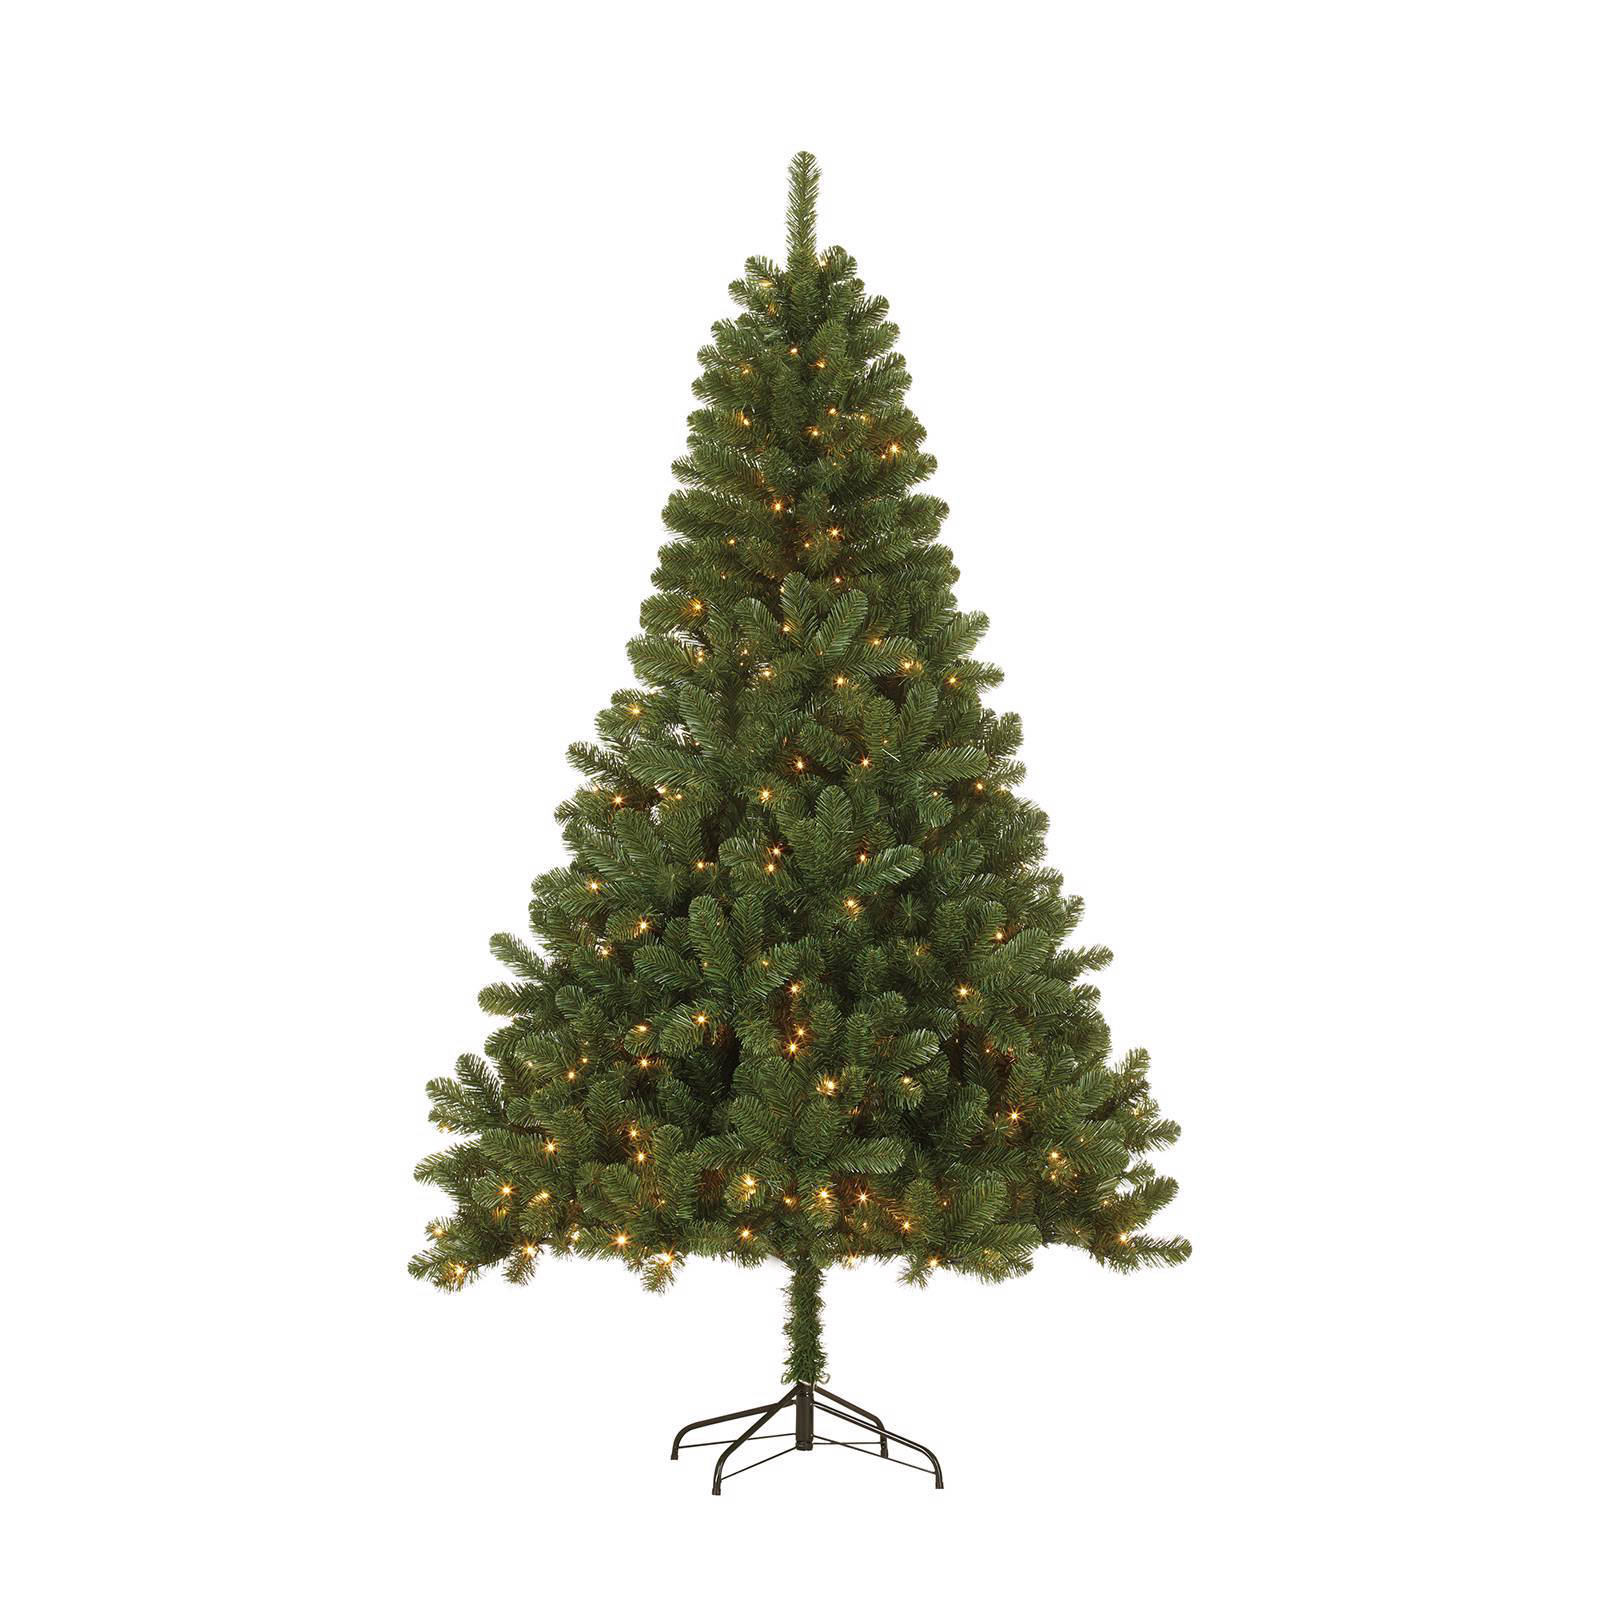 Black Box verlichte kerstboom Canmore (h185 x ø115 cm)